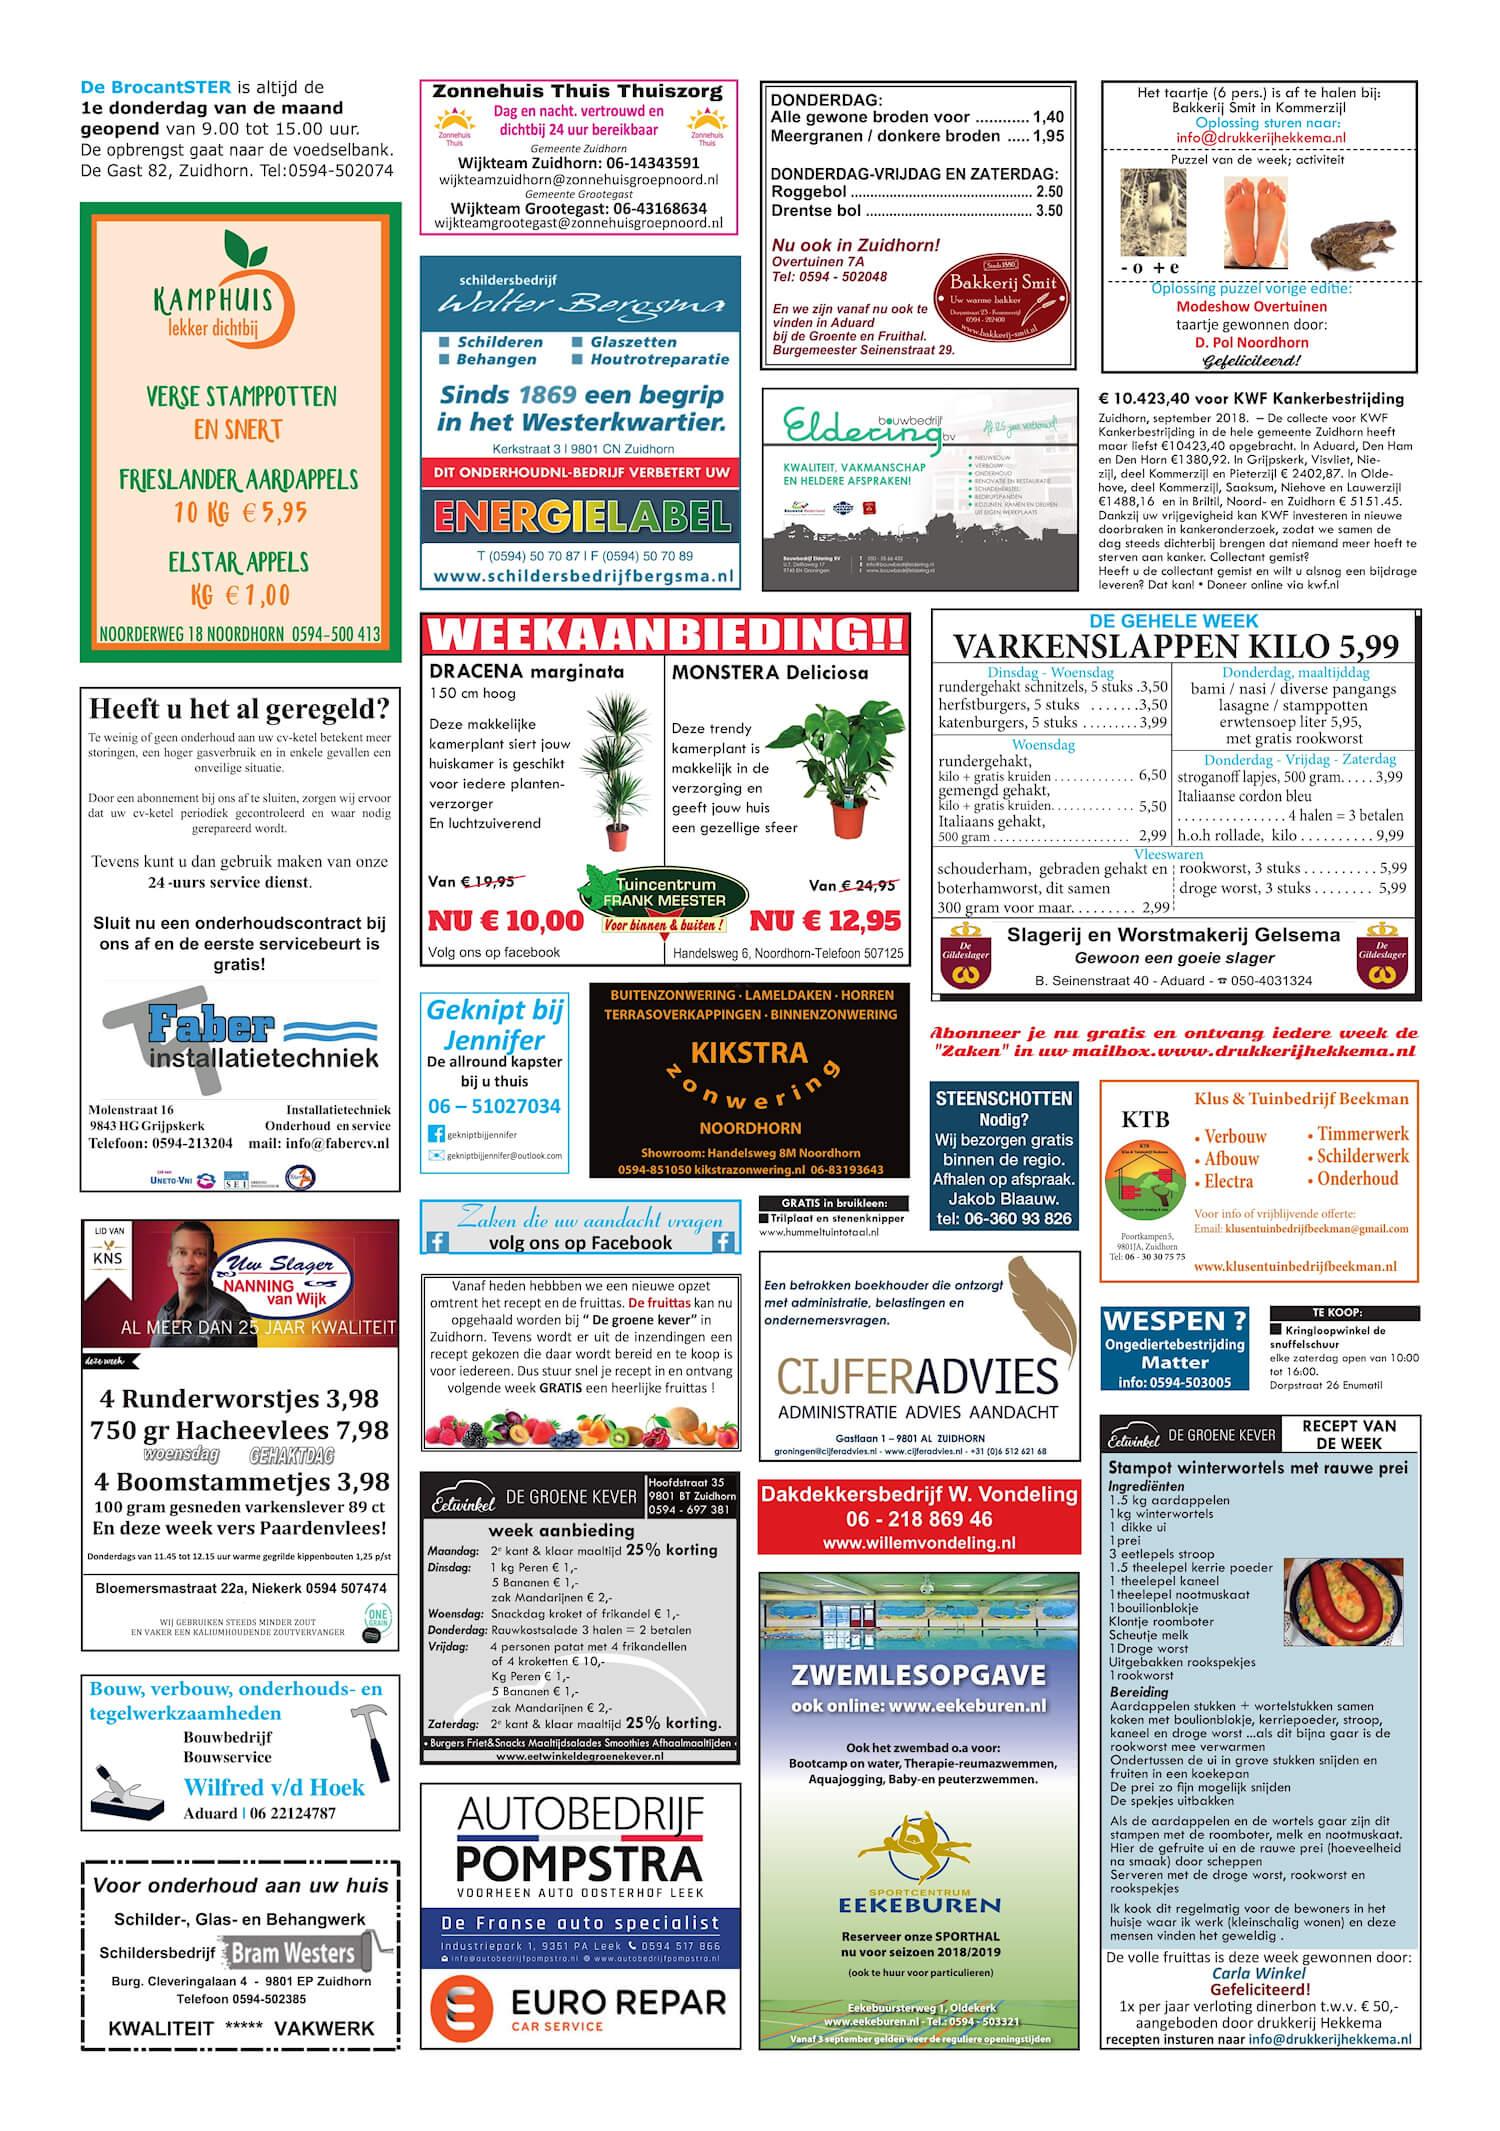 Drukkerij Hekkema - Zuidhorn - Zaken die uw aandacht vragen - 2018 week 39